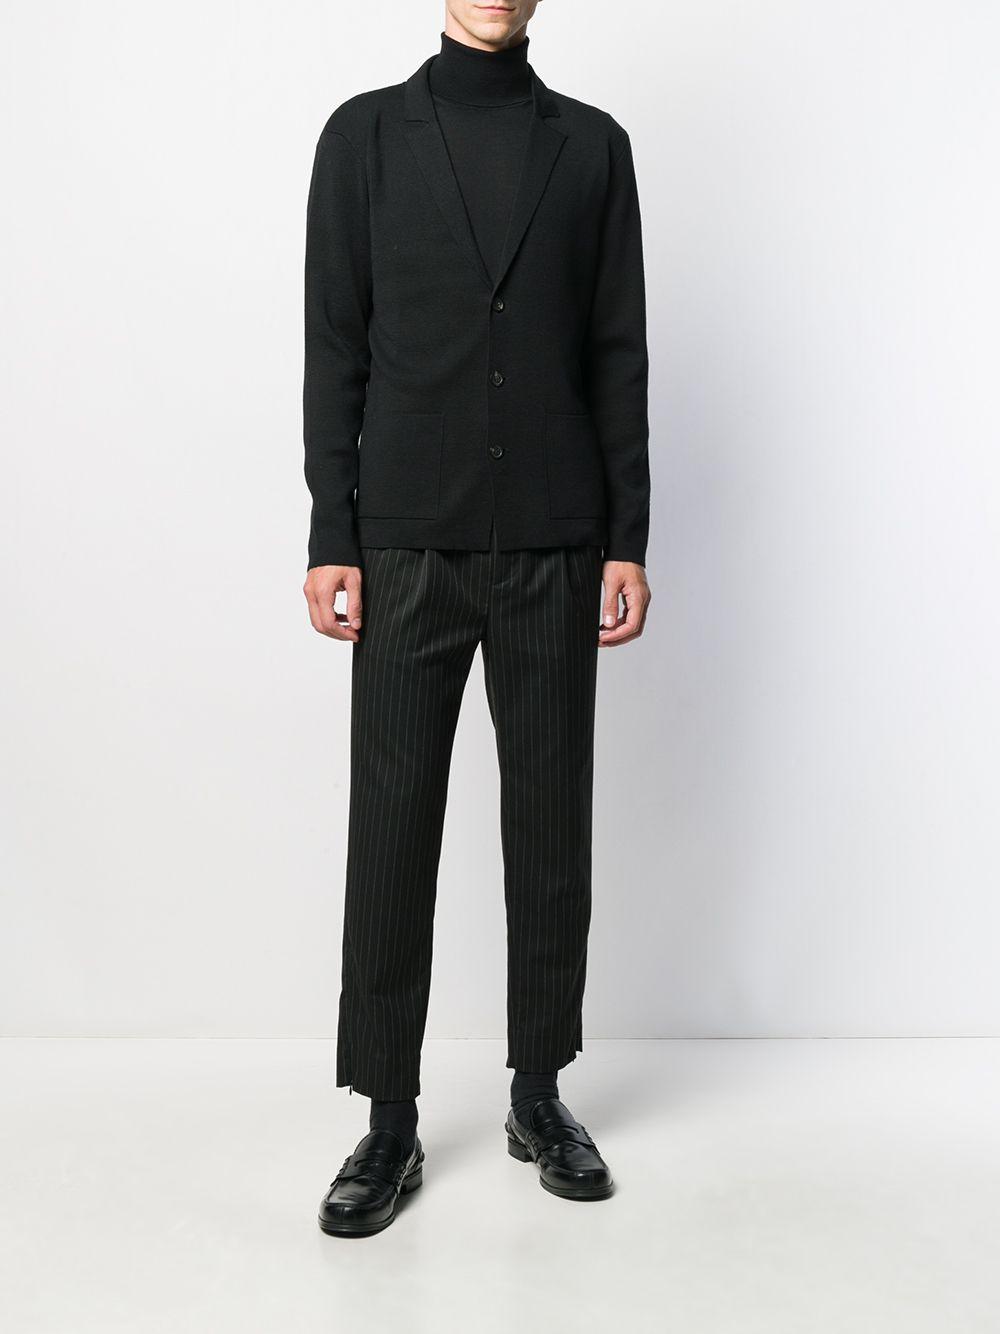 Altea Wol Vest Met V-hals in het Zwart voor heren